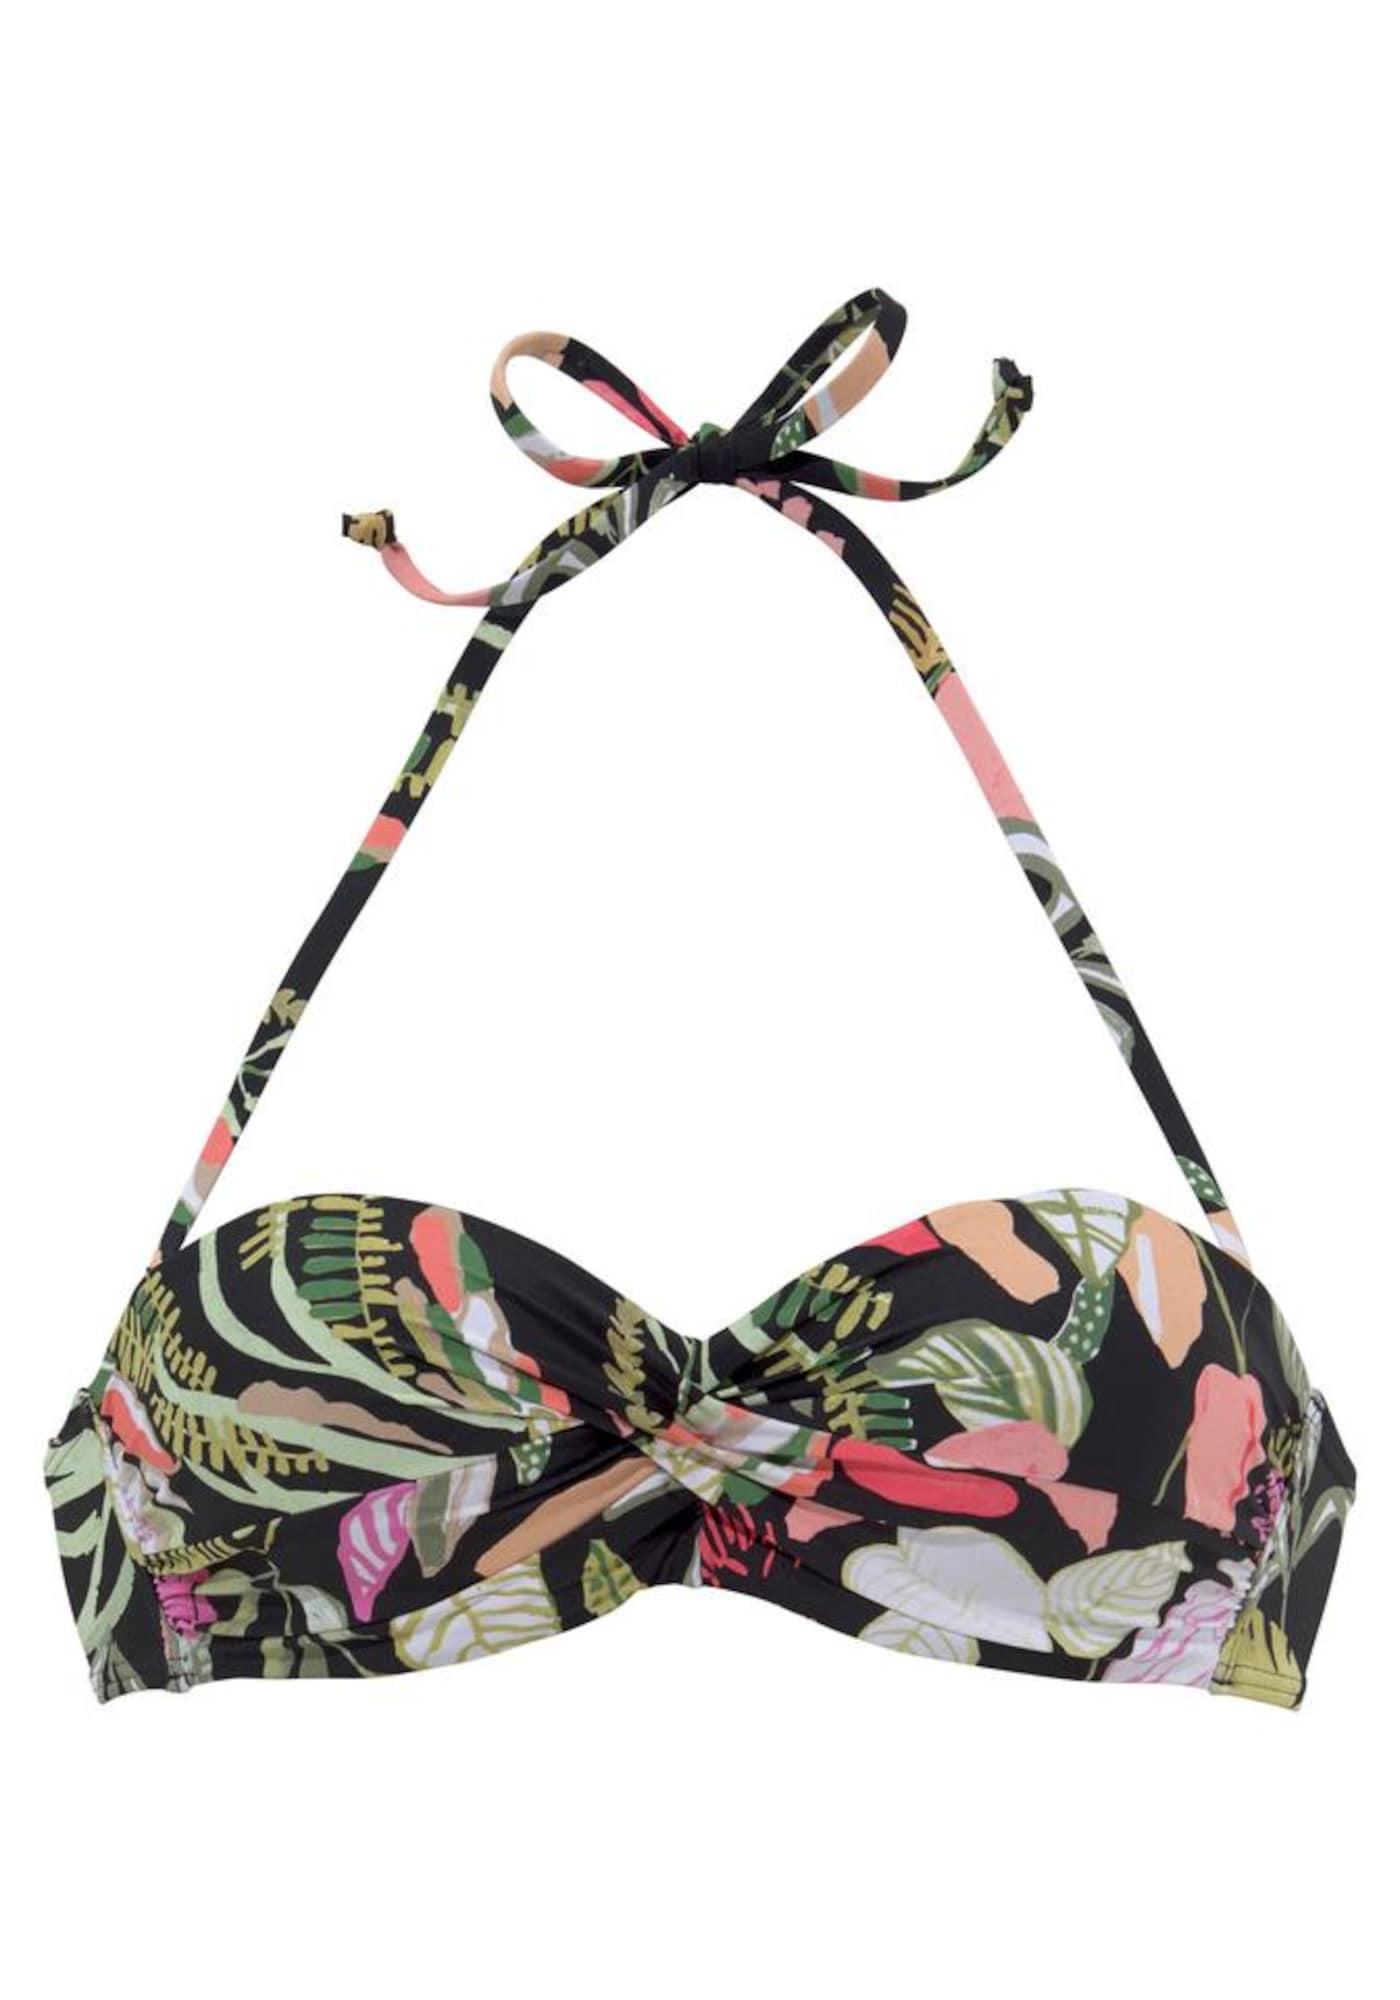 s.Oliver Hauts de bikini 'Herbst'  - MéLange De Couleurs - Taille: 44 - female